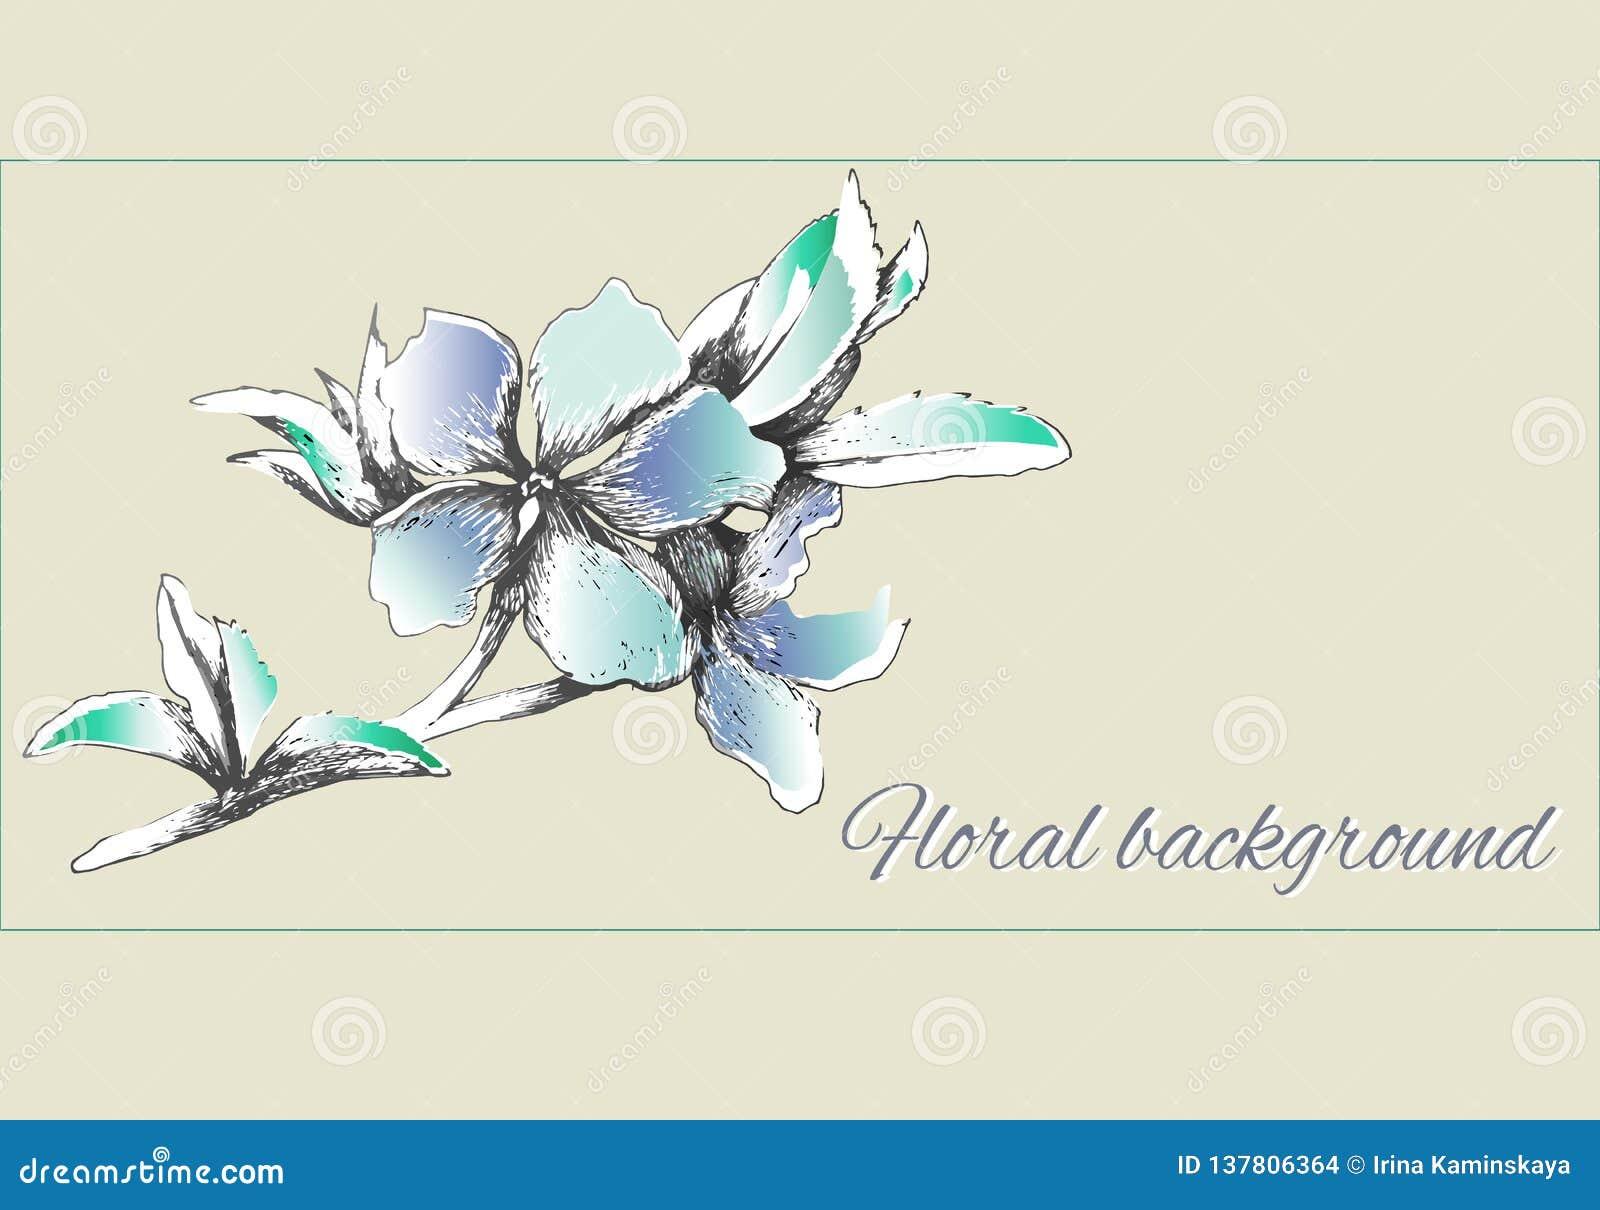 Χρωματισμένα διανυσματικά λουλούδια στα ευγενή ανοικτό μπλε χρώματα Watercolor λουλουδιών περιγράμματος άνοιξη